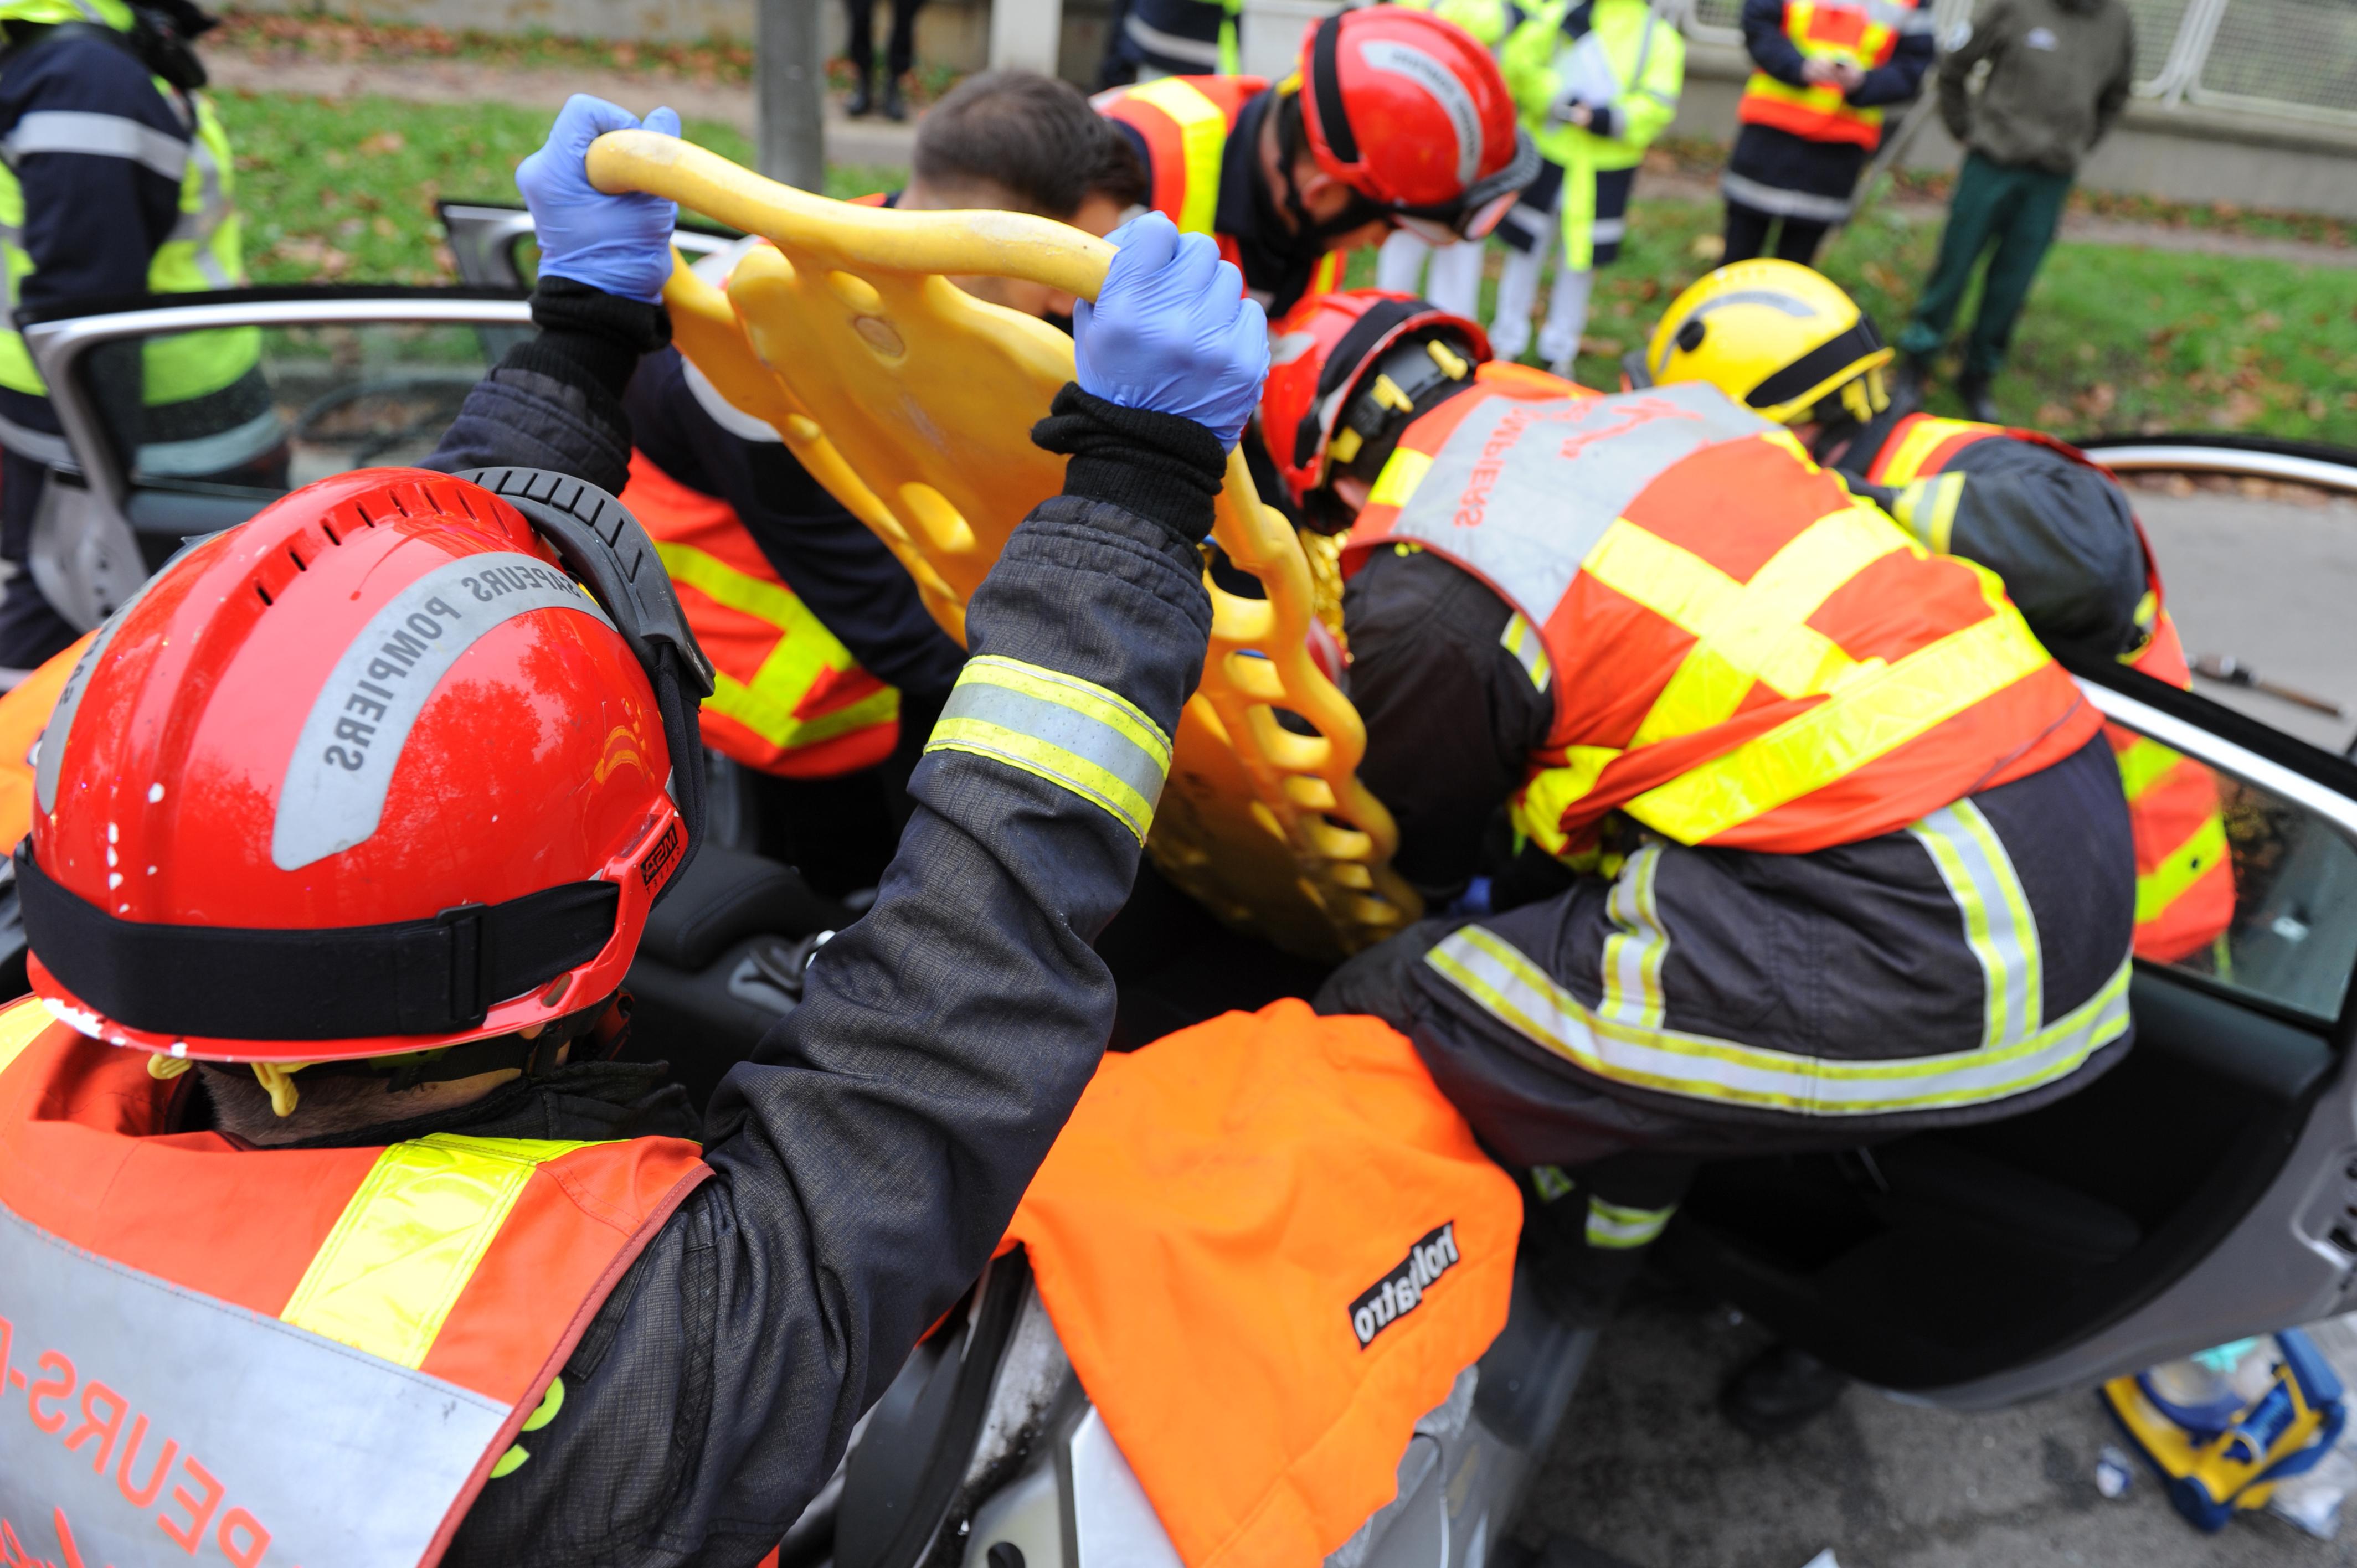 Photo d'illustration @Sdis78. Les sapeurs-pompiers ont prodigué les premiers soins à la victime souffrant d'un traumatisme crânien